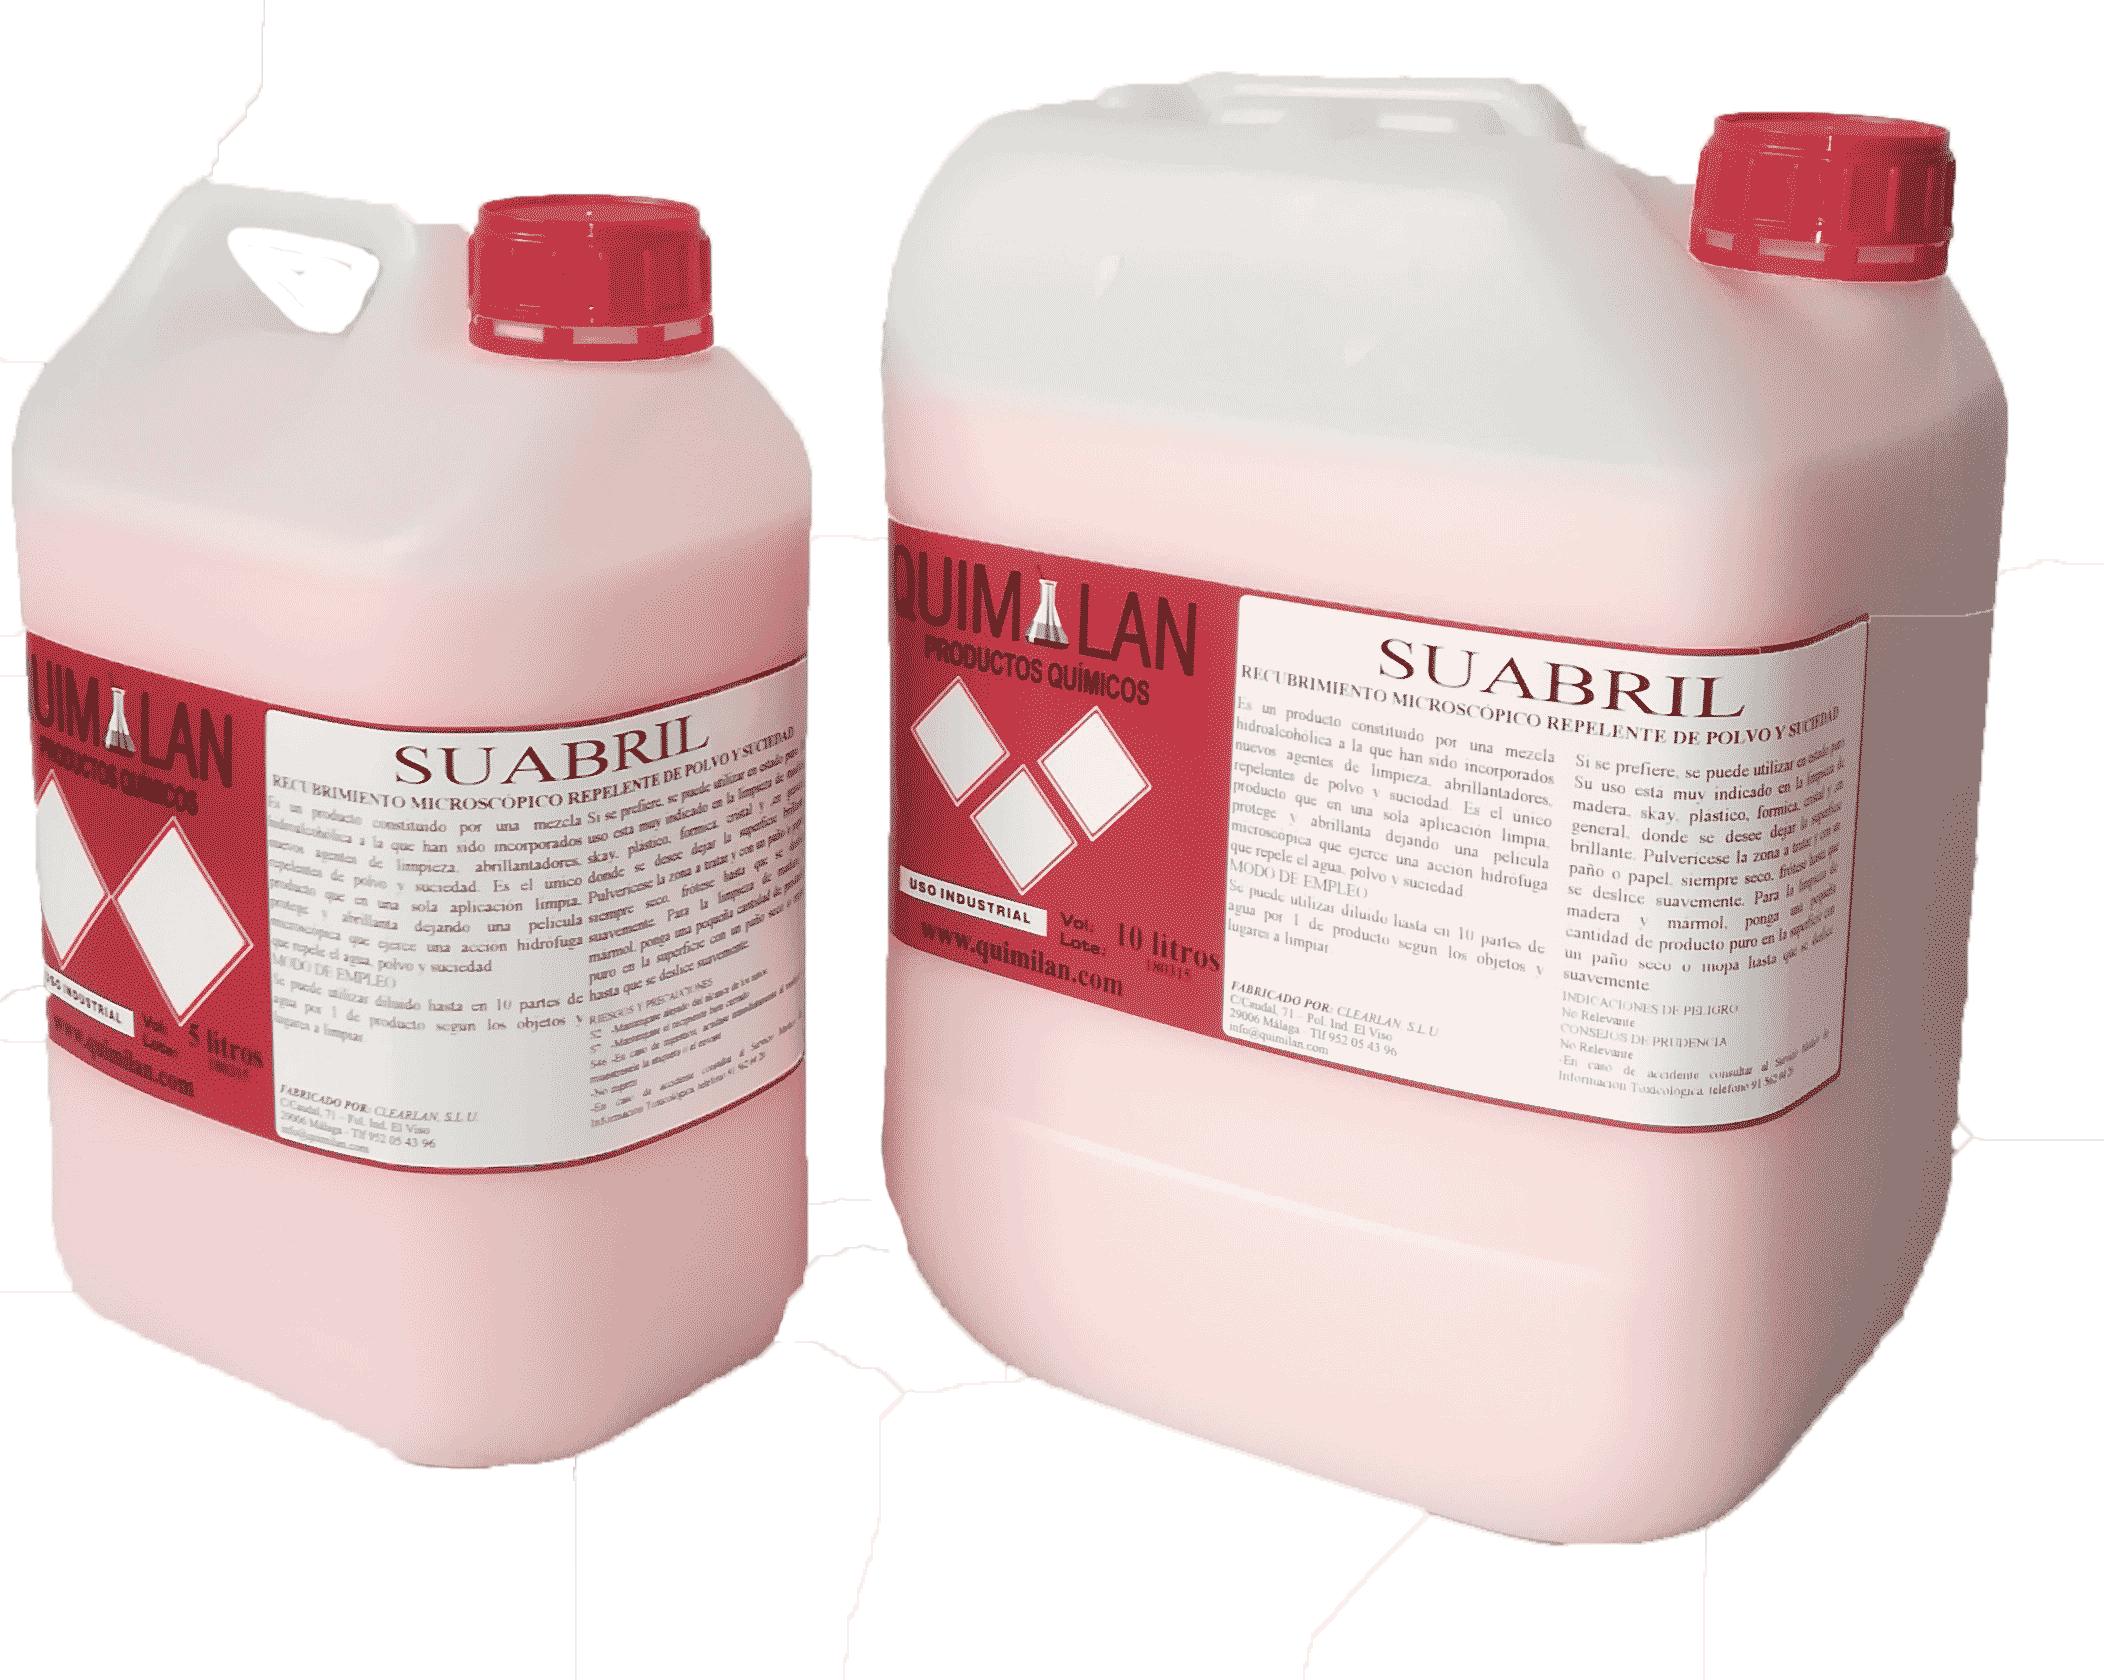 Productos Quimicos Industriales Suabril Quimilan en Malaga